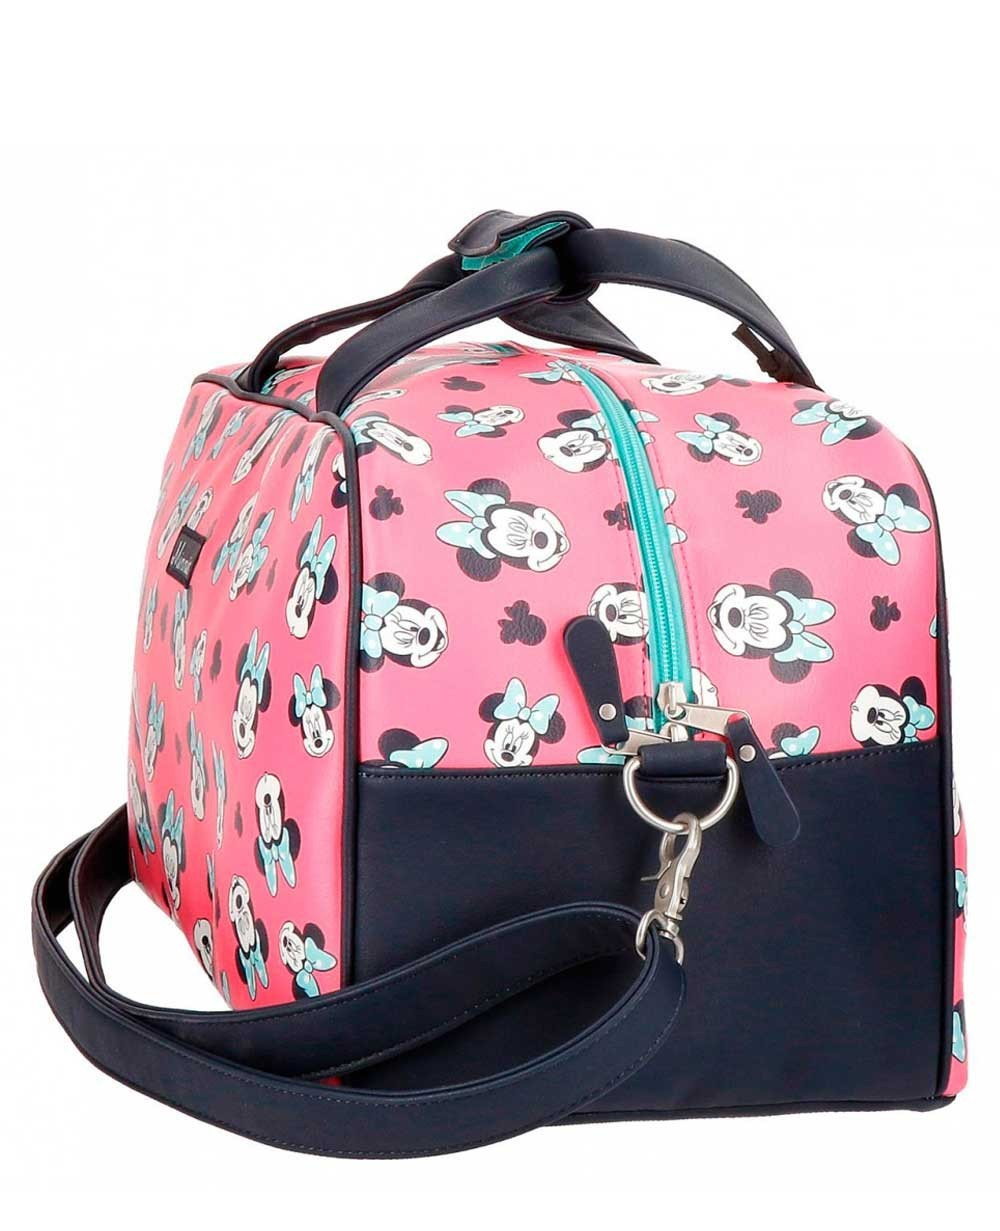 80ee2b5a4 Bolsa de Viaje Disney Minnie Wink Rosa - 45cm | Maletia.com